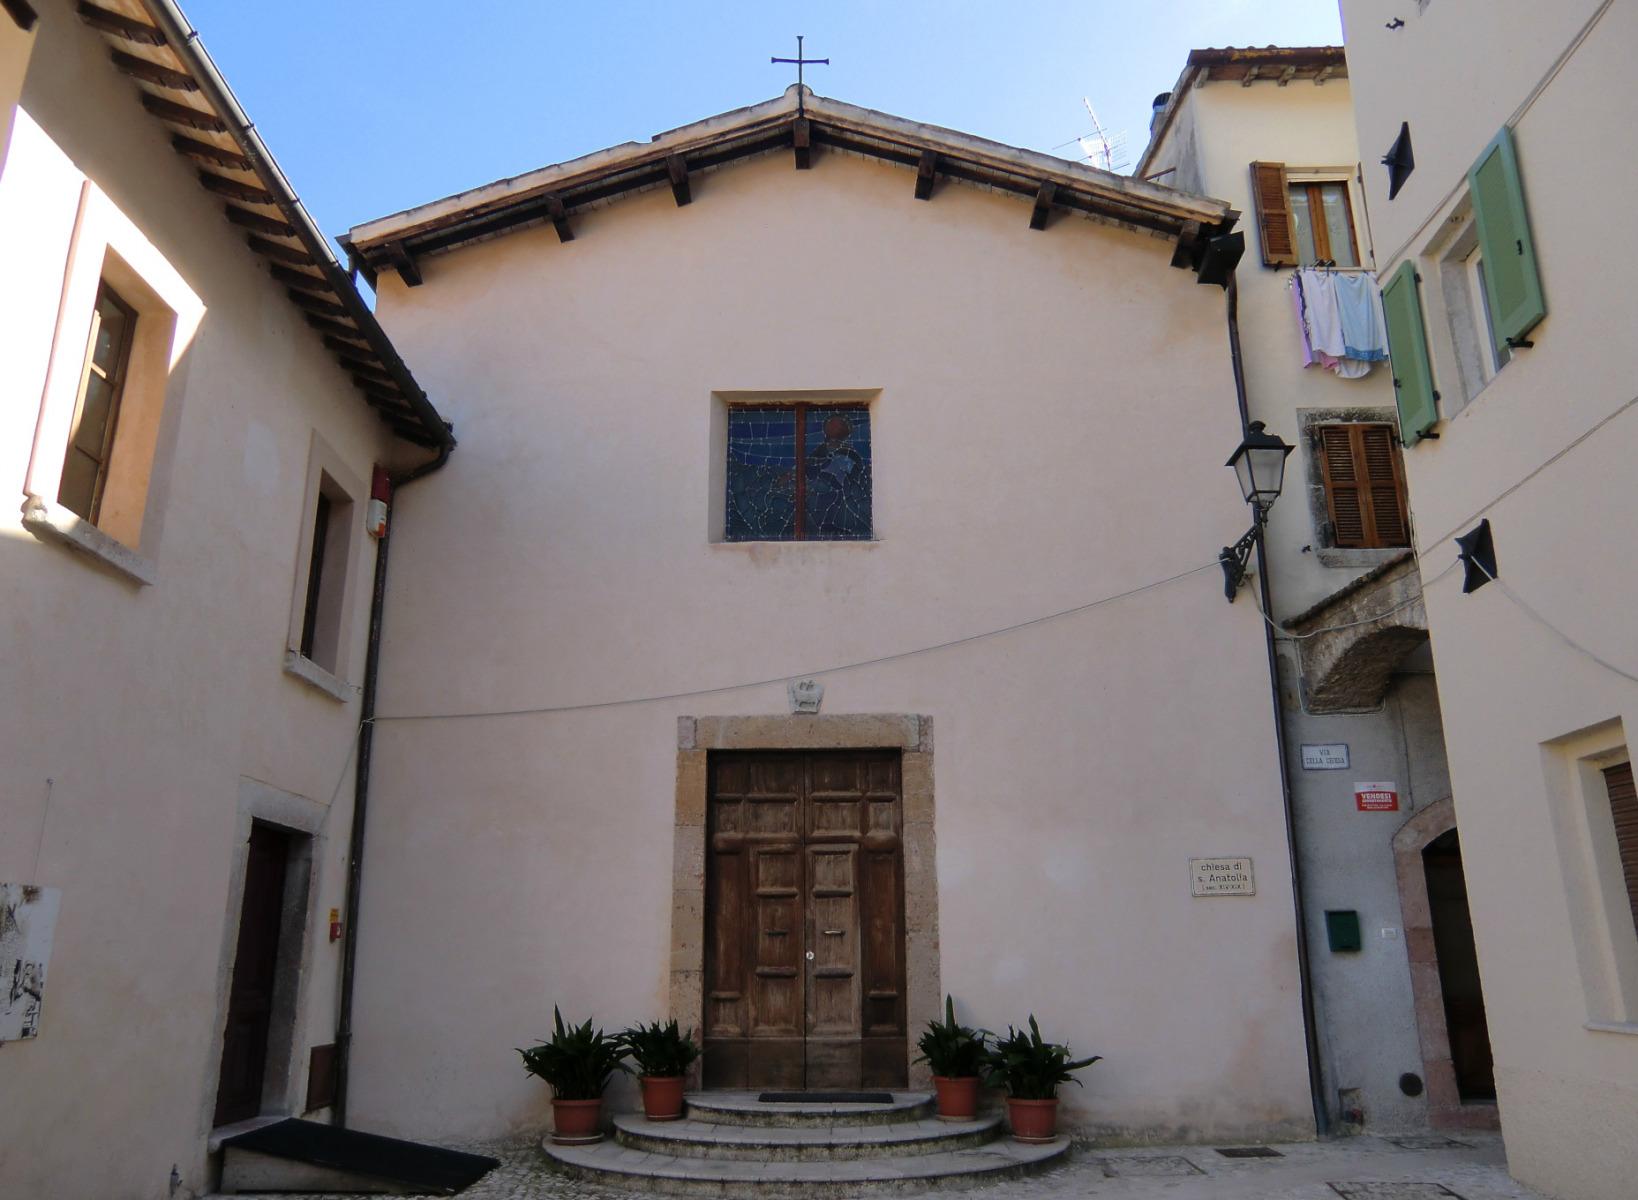 Chiesa di Sant'Anatolia - esterno -Sant'Anatolia di Narco